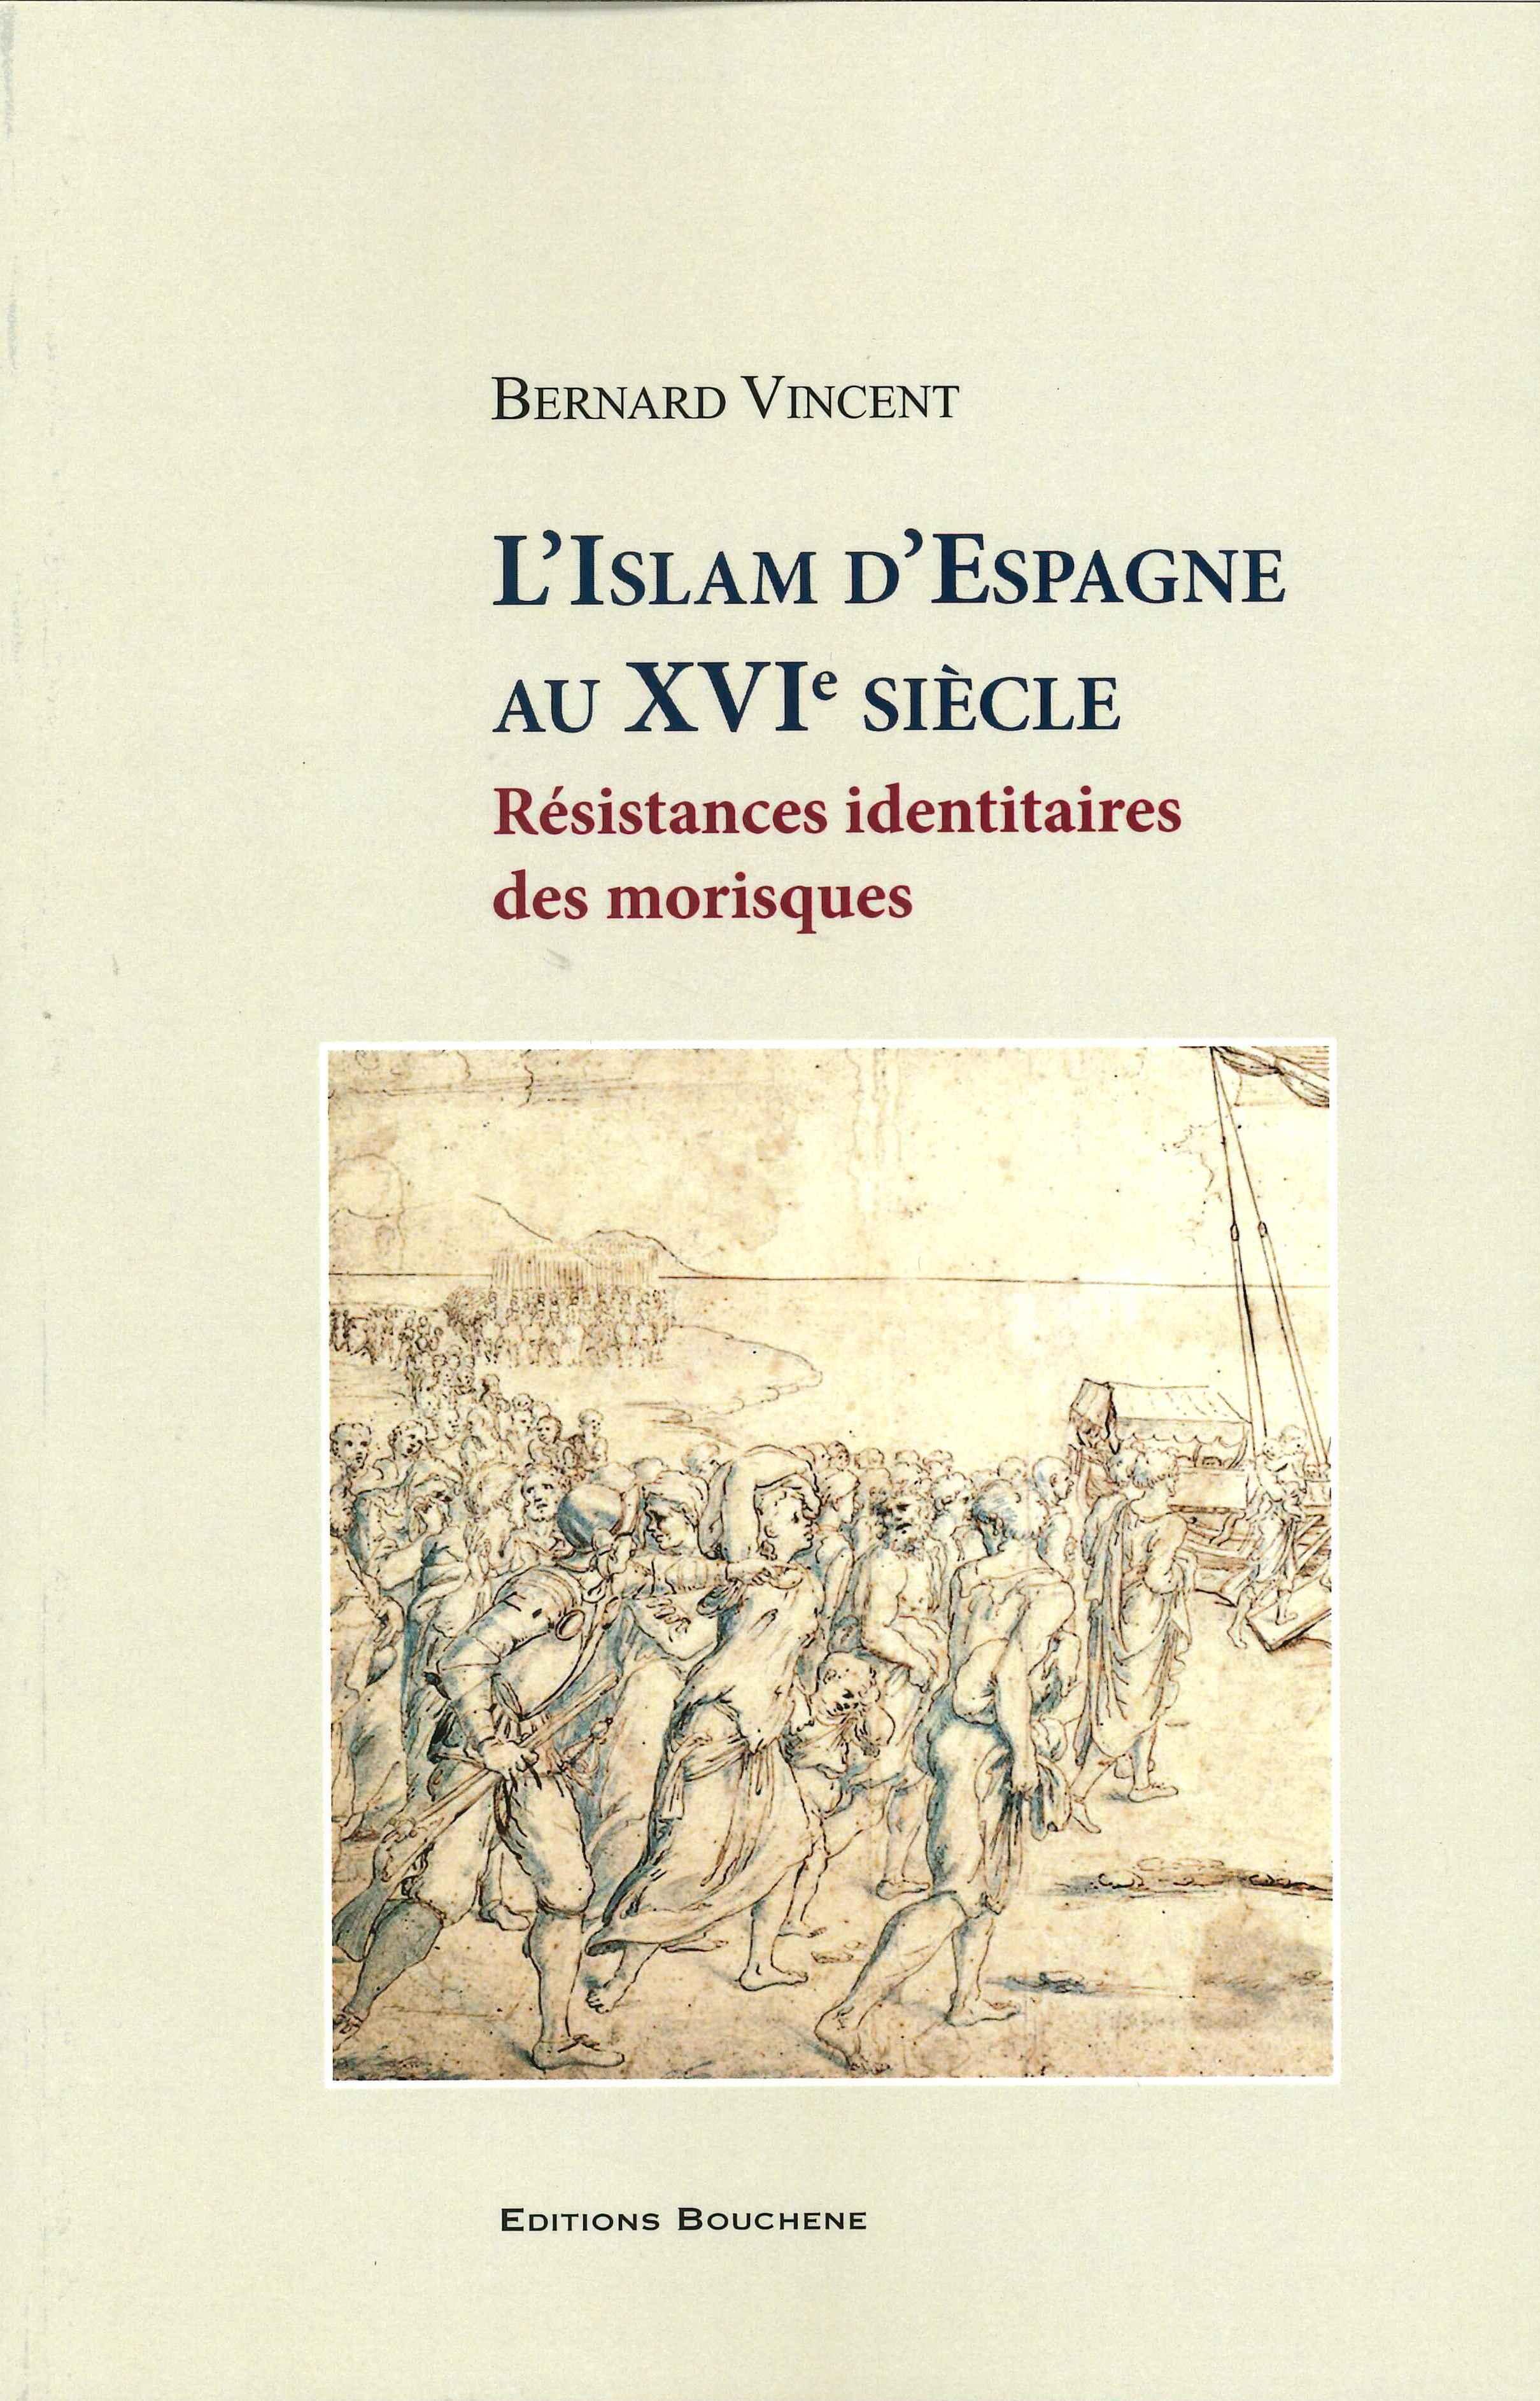 L'Islam d'Espagne au XVIe siècle, résistances identitaires des morisques